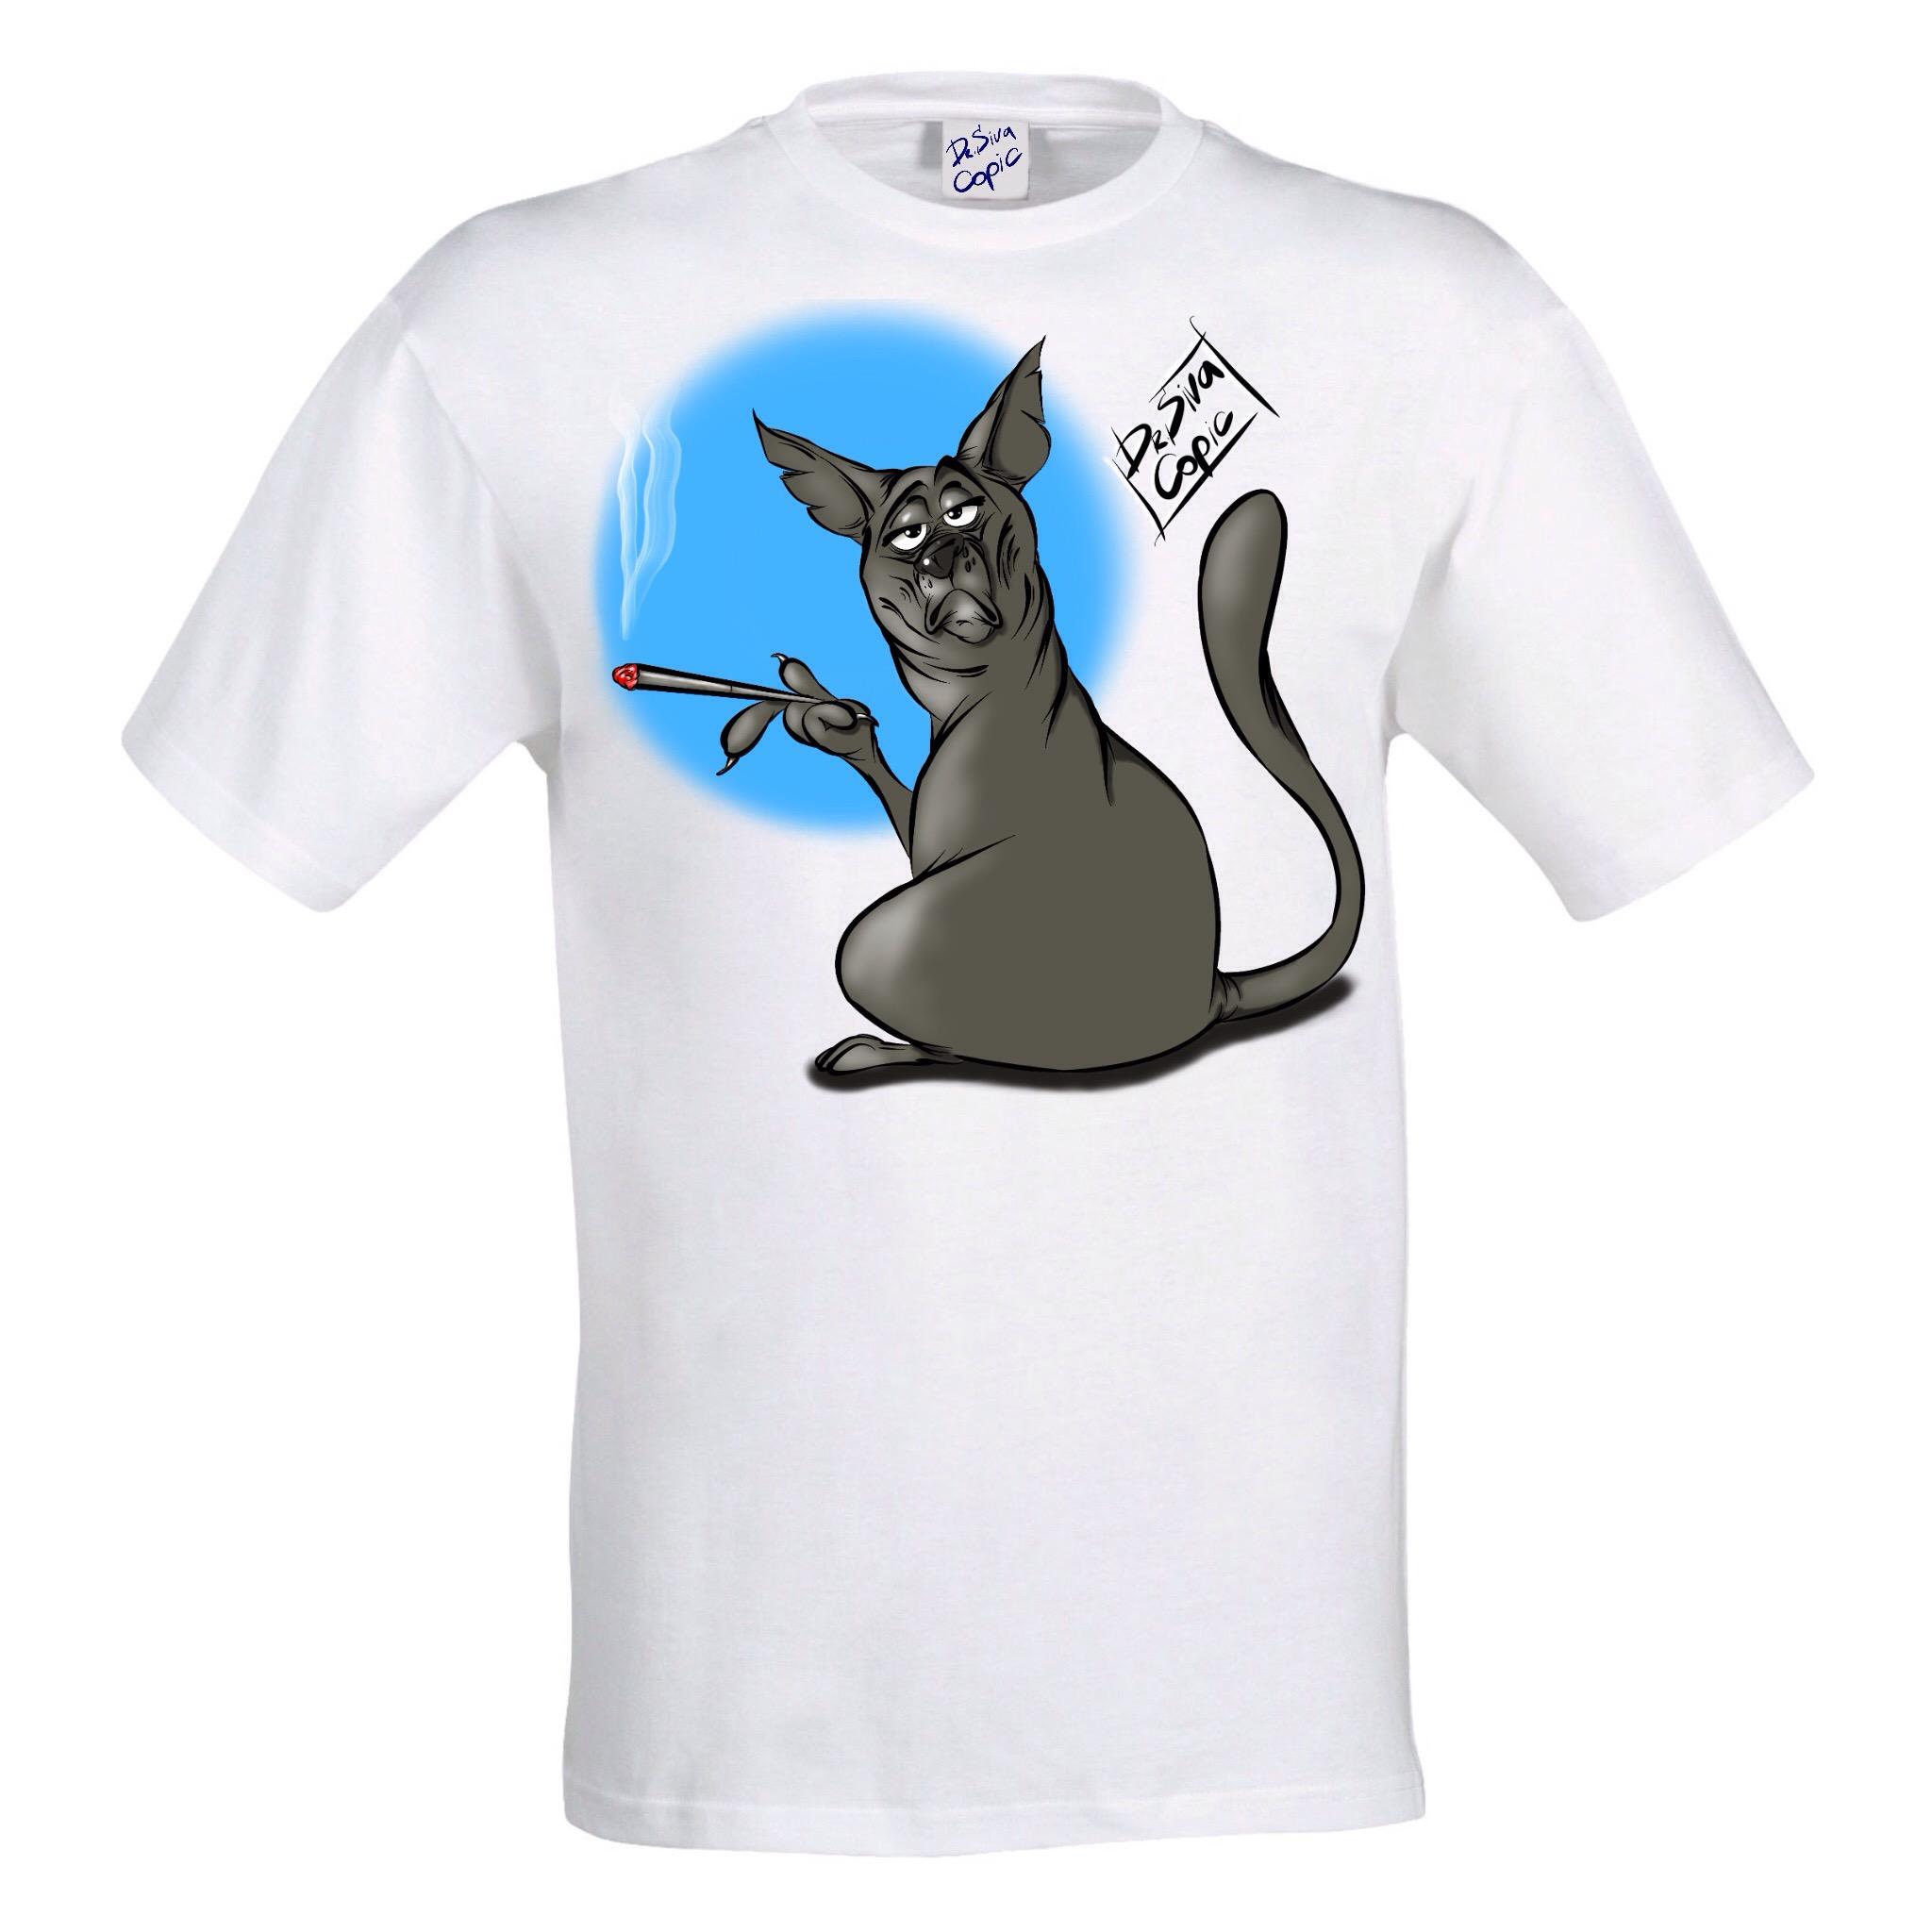 Арт для футболок